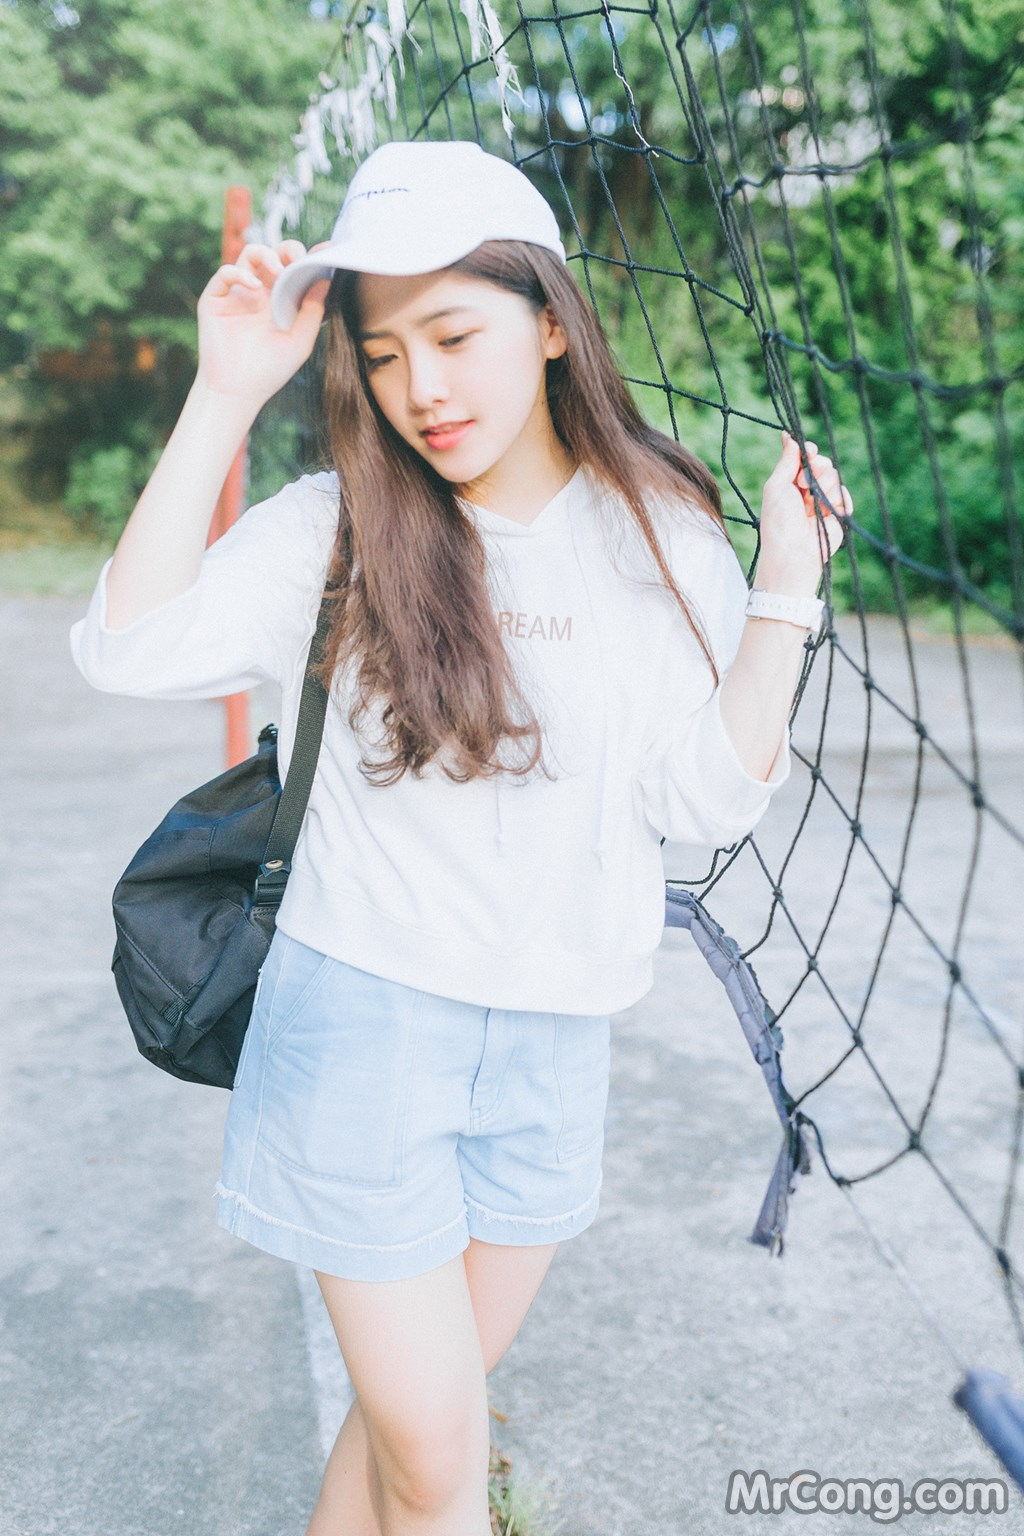 Image 27581558_1474945717367 in post Nữ sinh Trung Quốc xinh rạng ngời trên sân bóng (13 ảnh)